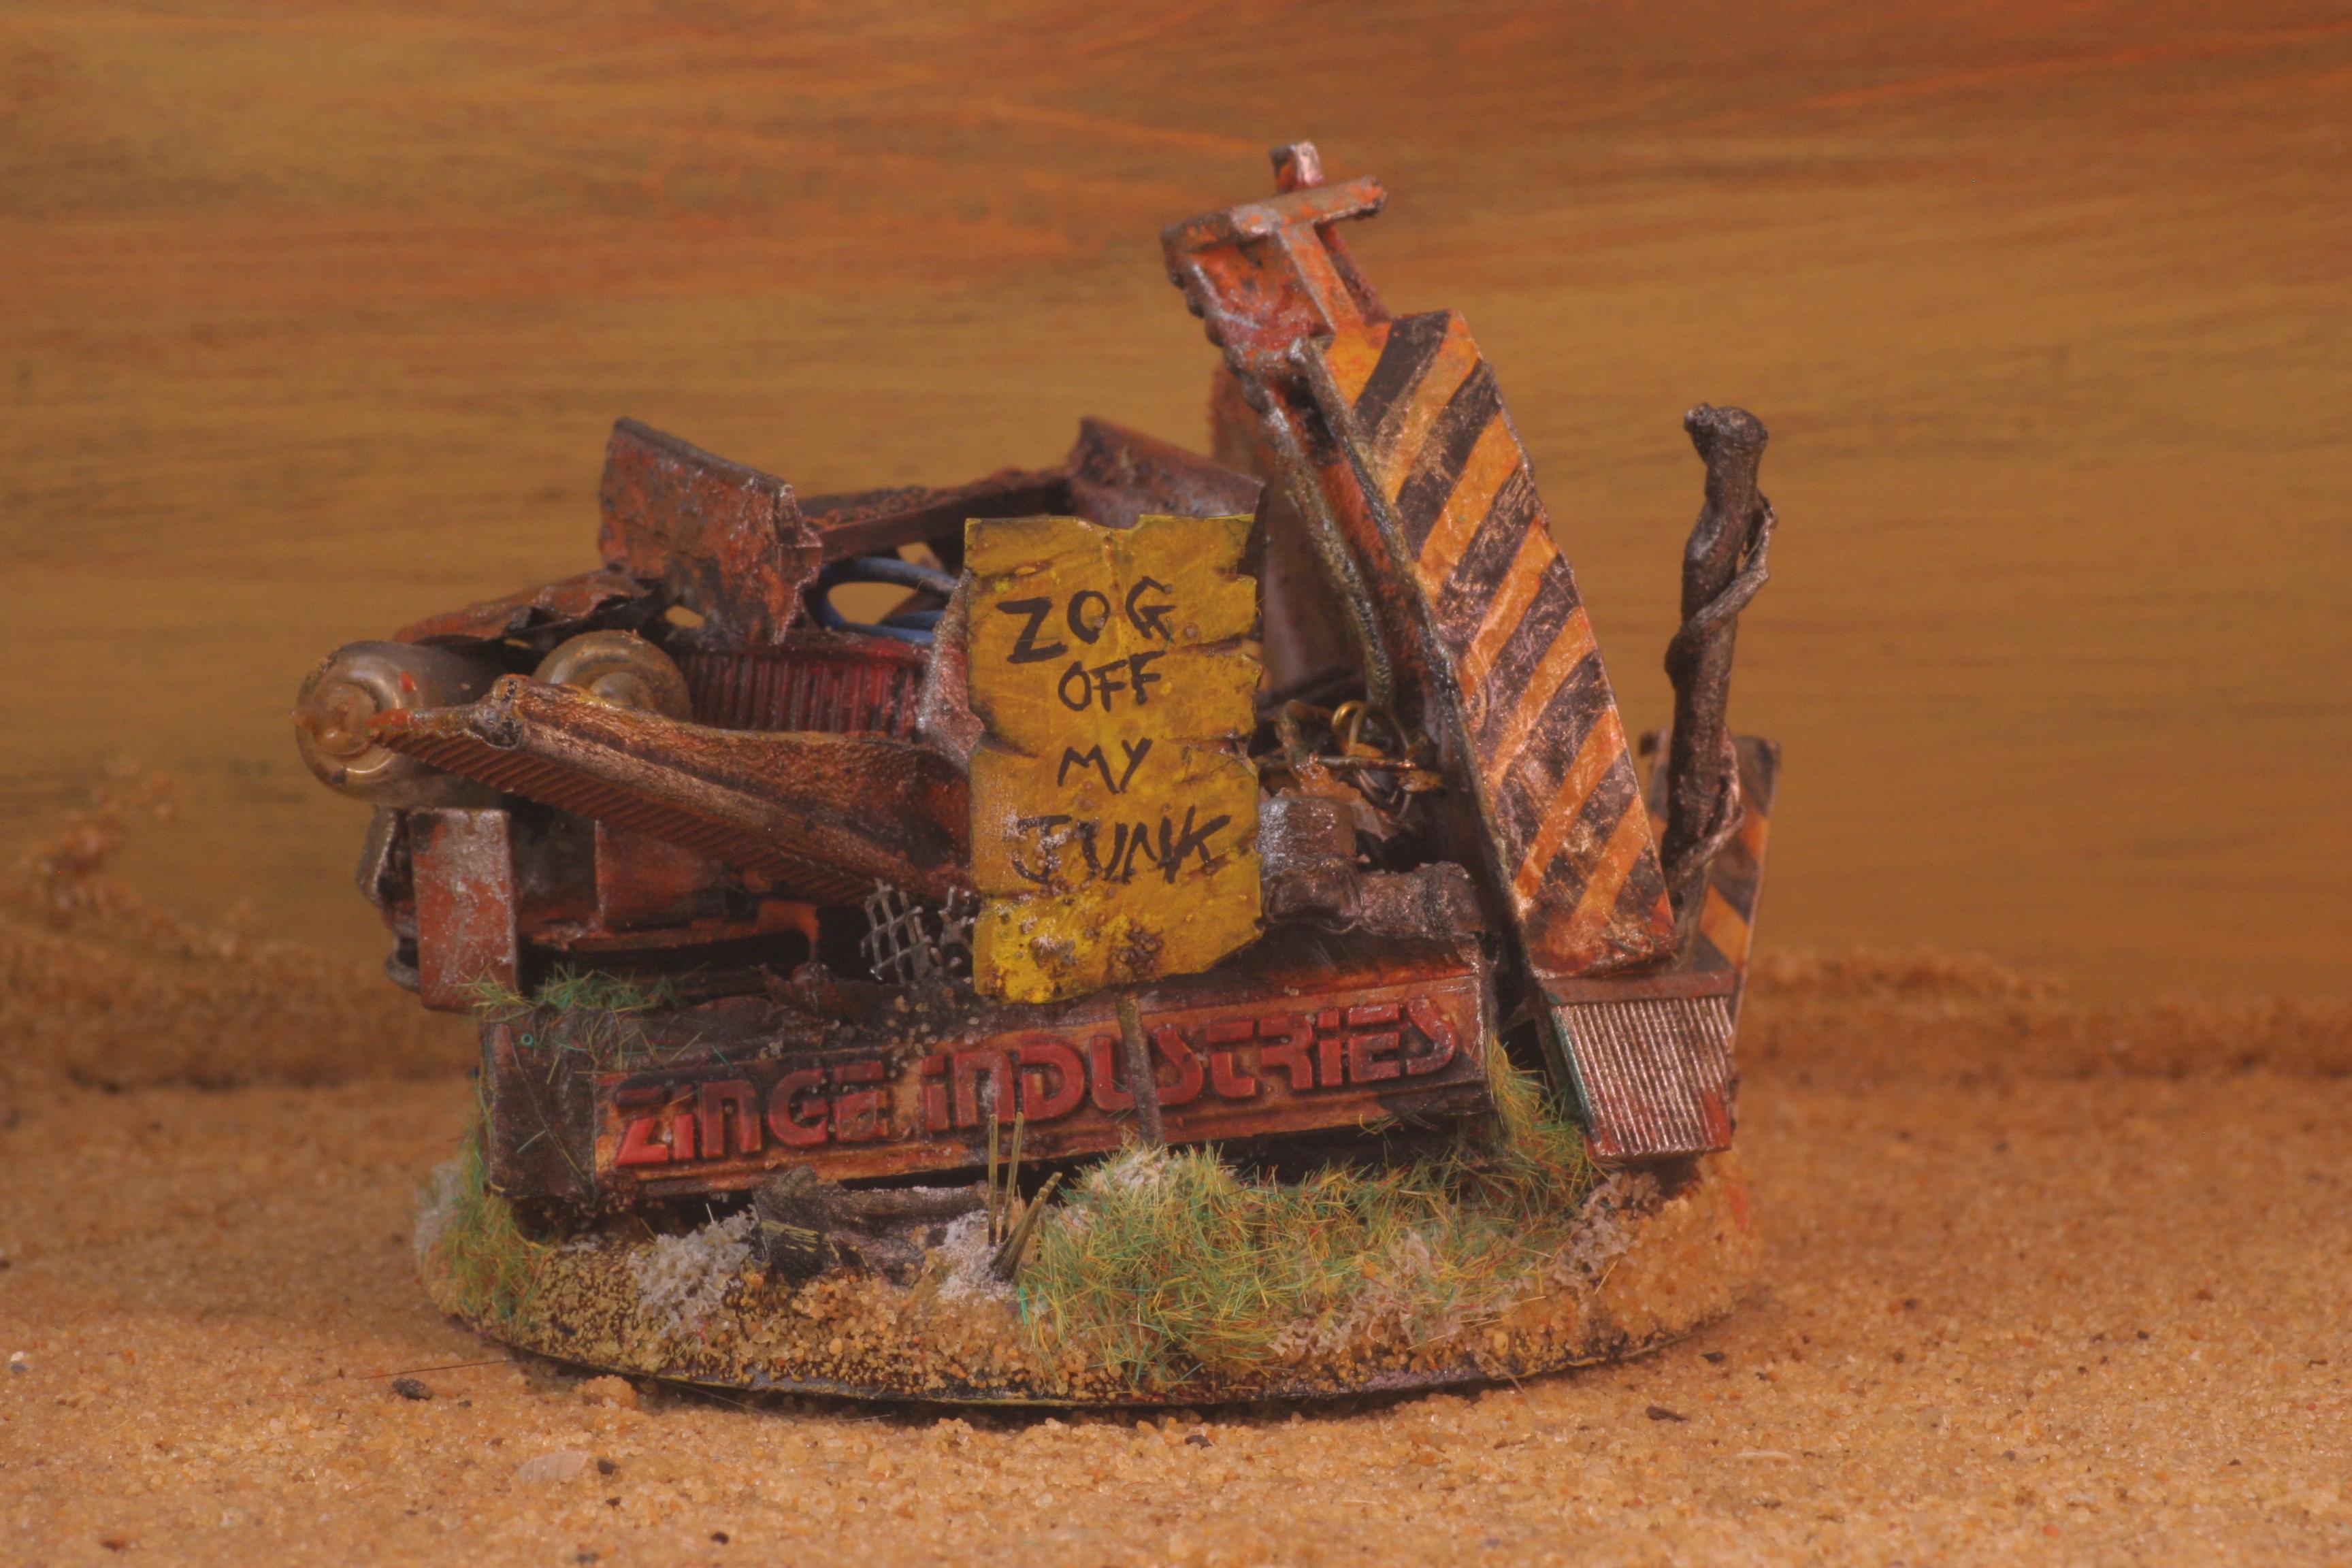 Zog off my junk!!